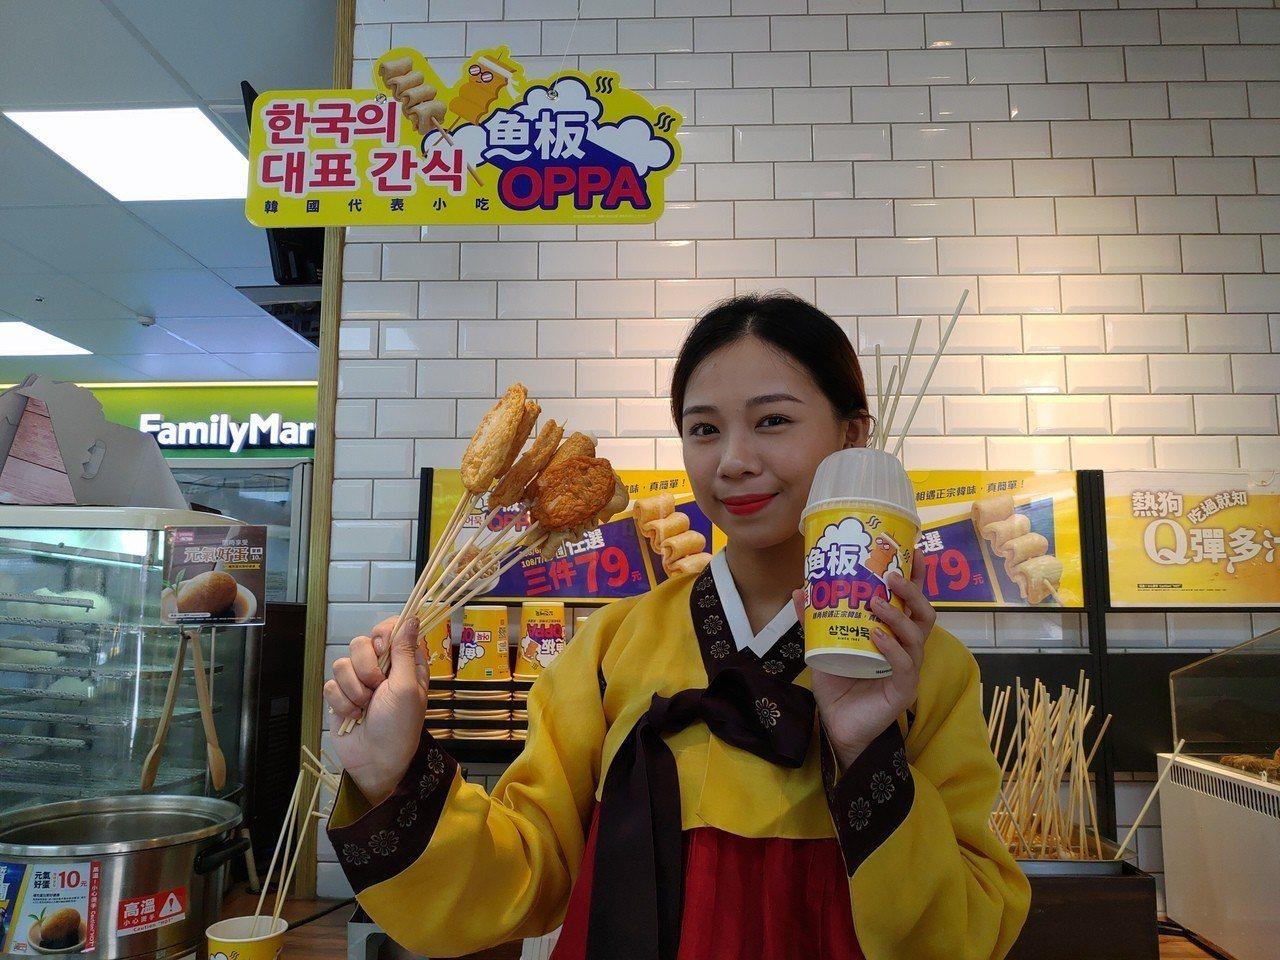 全家便利商店推出正宗韓國街頭小吃品牌「魚板OPPA」,首波共推出7款魚板商品,並...